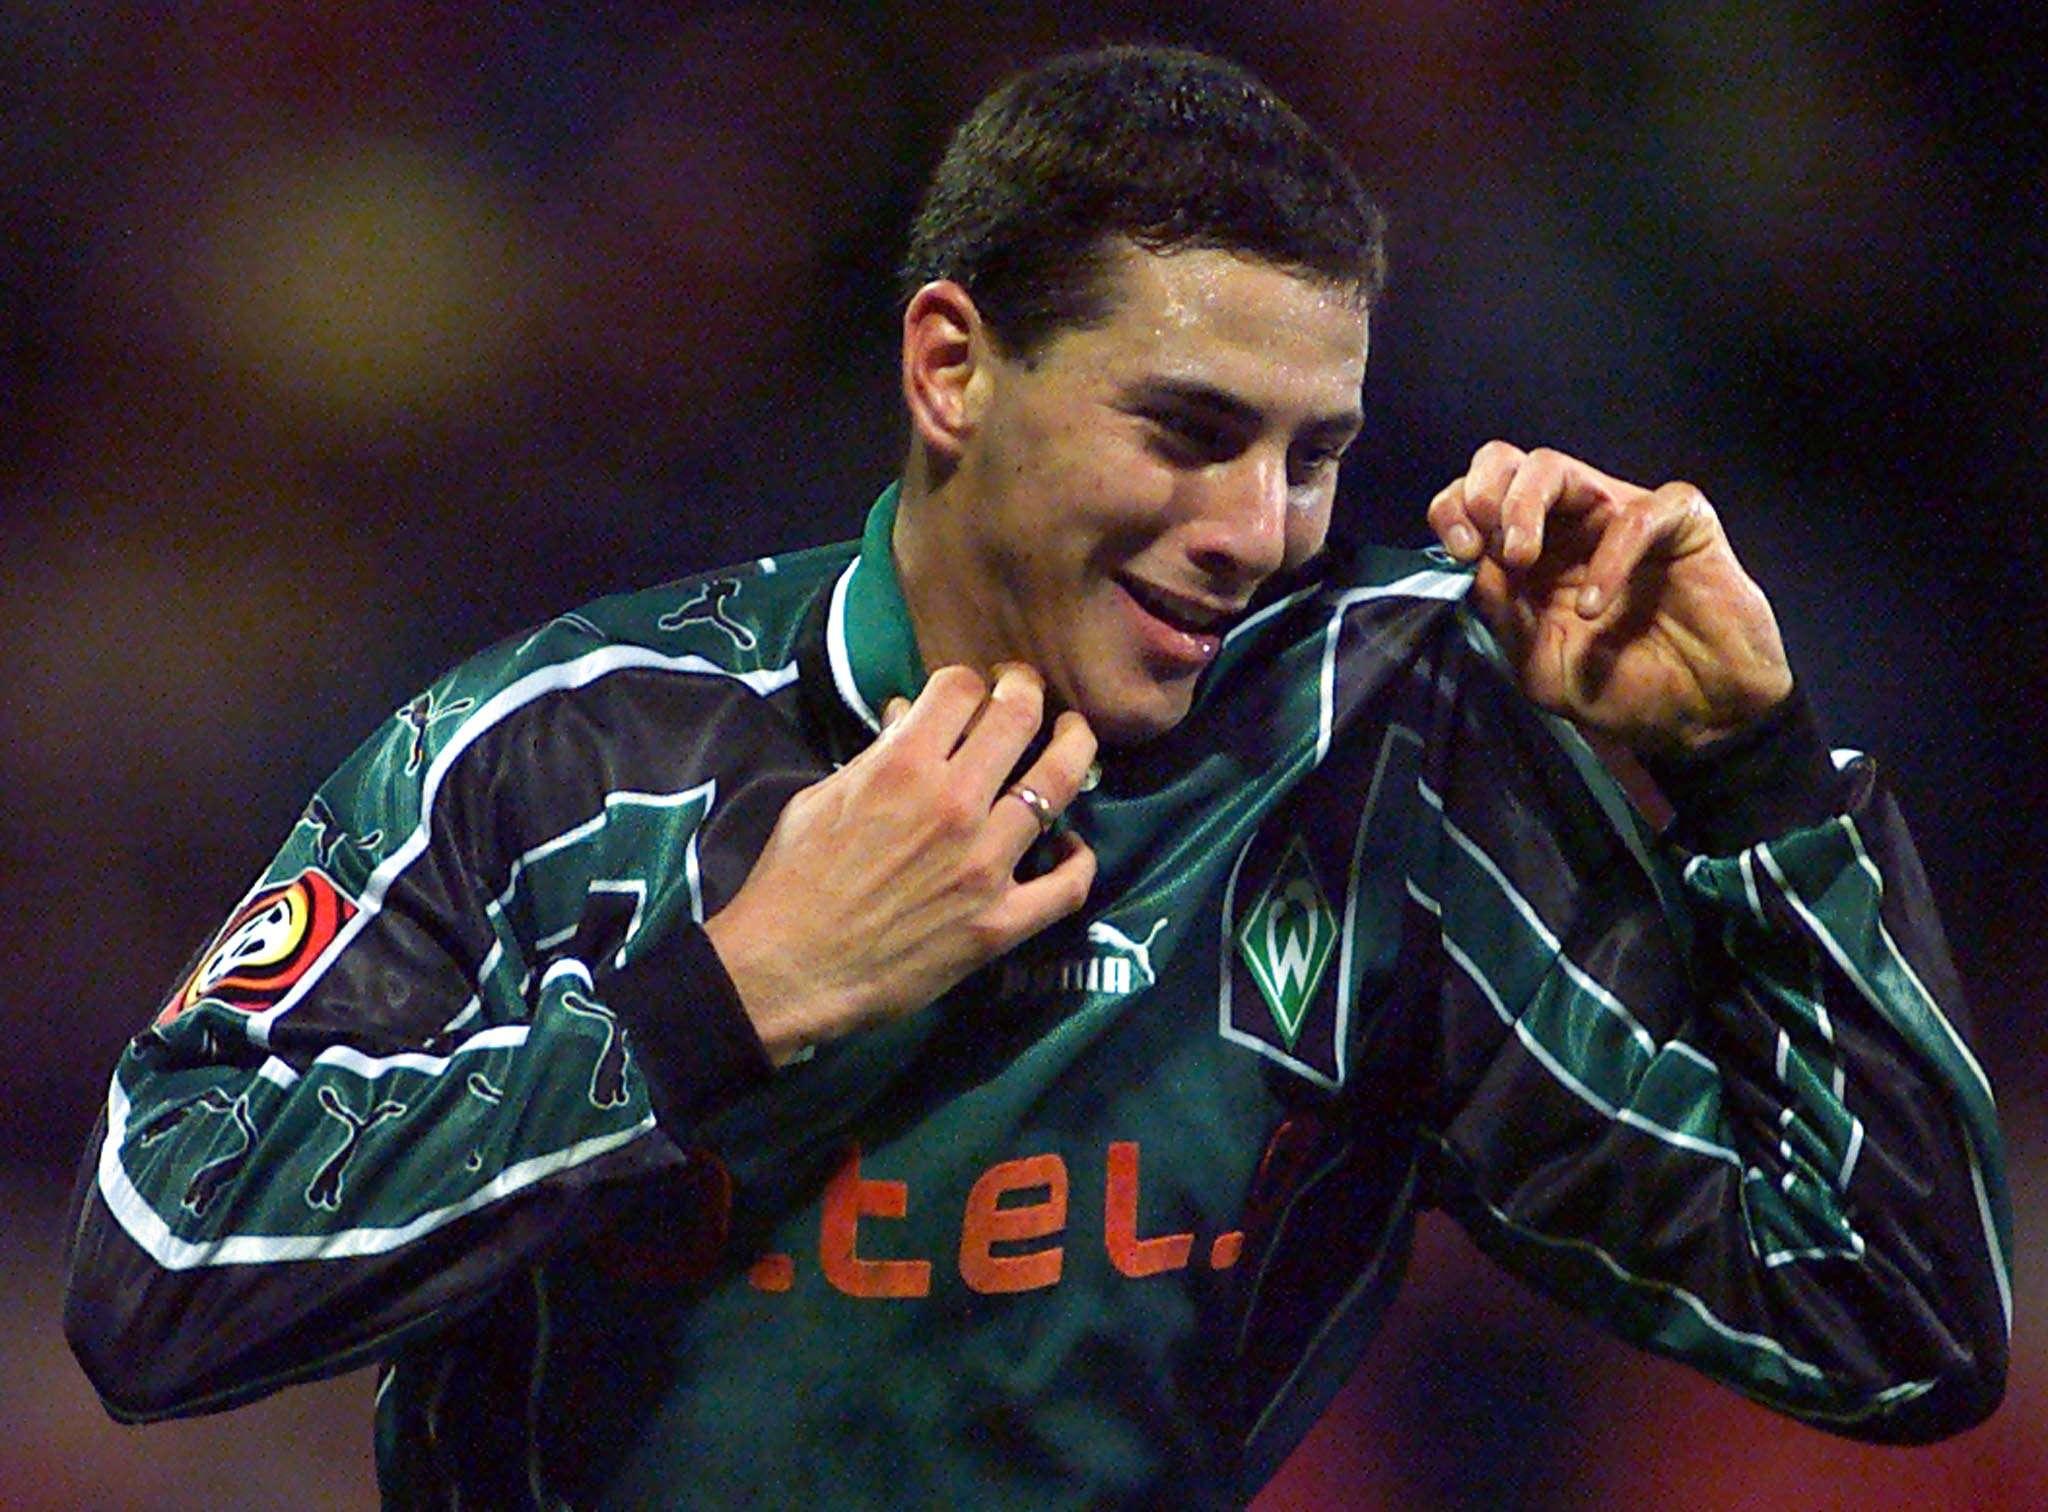 Au Werder, Pizarro explose avec 29 buts marqués en deux saisons. Le Péruvien vit son troisième passage à Brême depuis 2015. Il a été cantonné à un rôle de remplaçant cette saison - 19 apparitions pour un but. Il souhaite prolonger en Allemagne mais le Werder réserve son avis. Sinon, le club mexicain de Cruz Azul s'est dit intéressé.